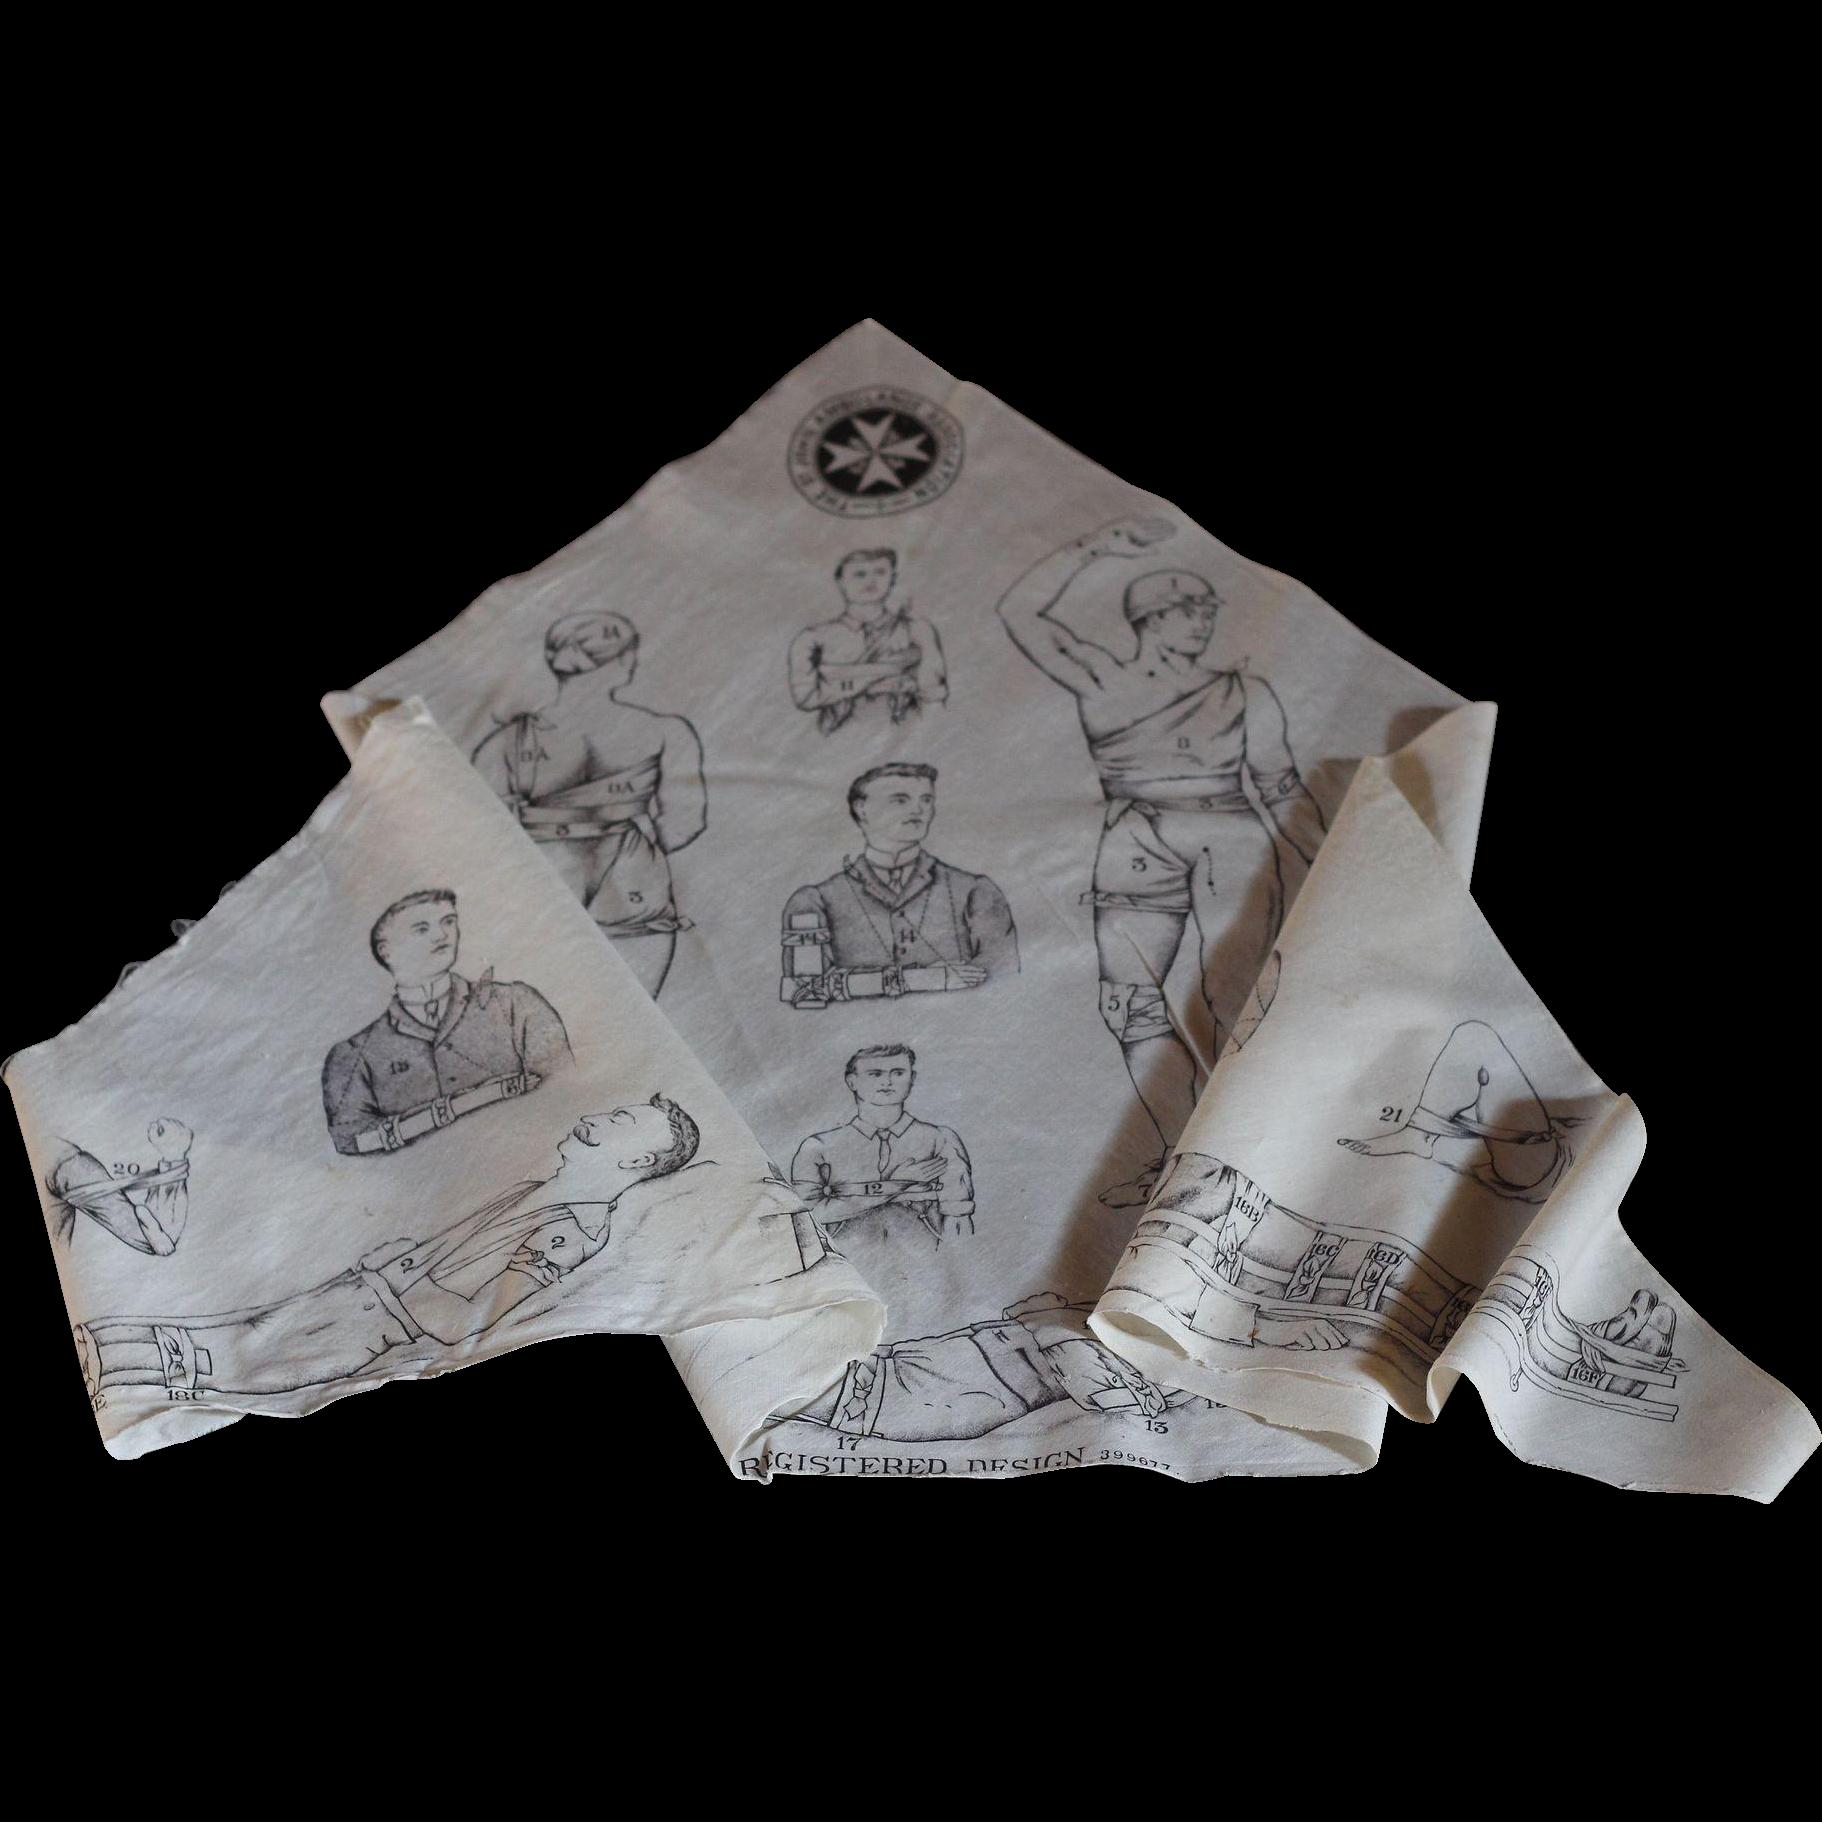 Antique English St John Ambulance Medical Bandage - Illustrated Cotton Sling